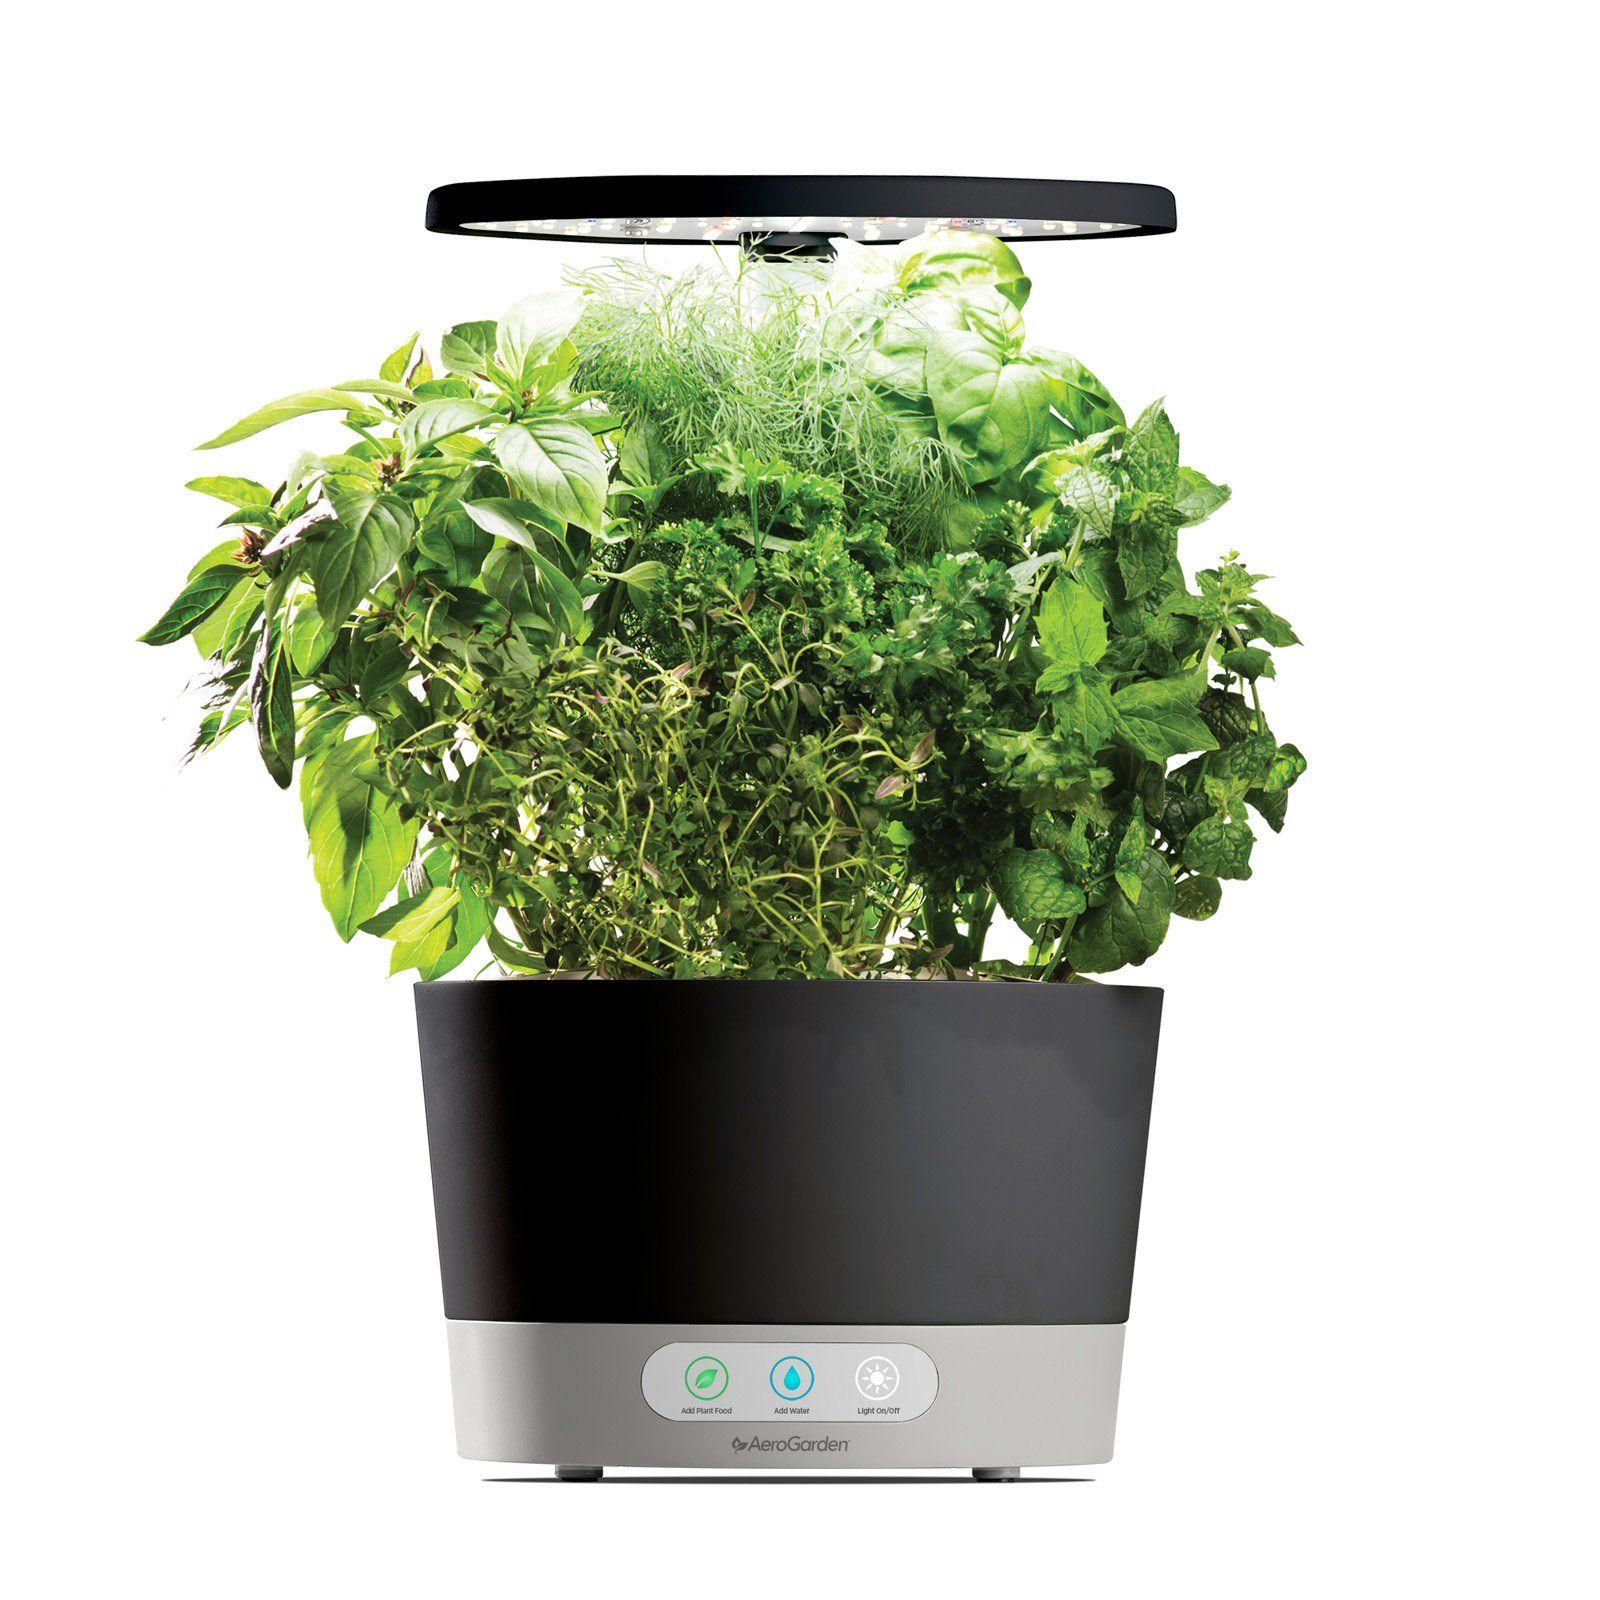 Aerogarden Pods Home Depot: AeroGarden Harvest 360 Hydroponic Garden System Black In